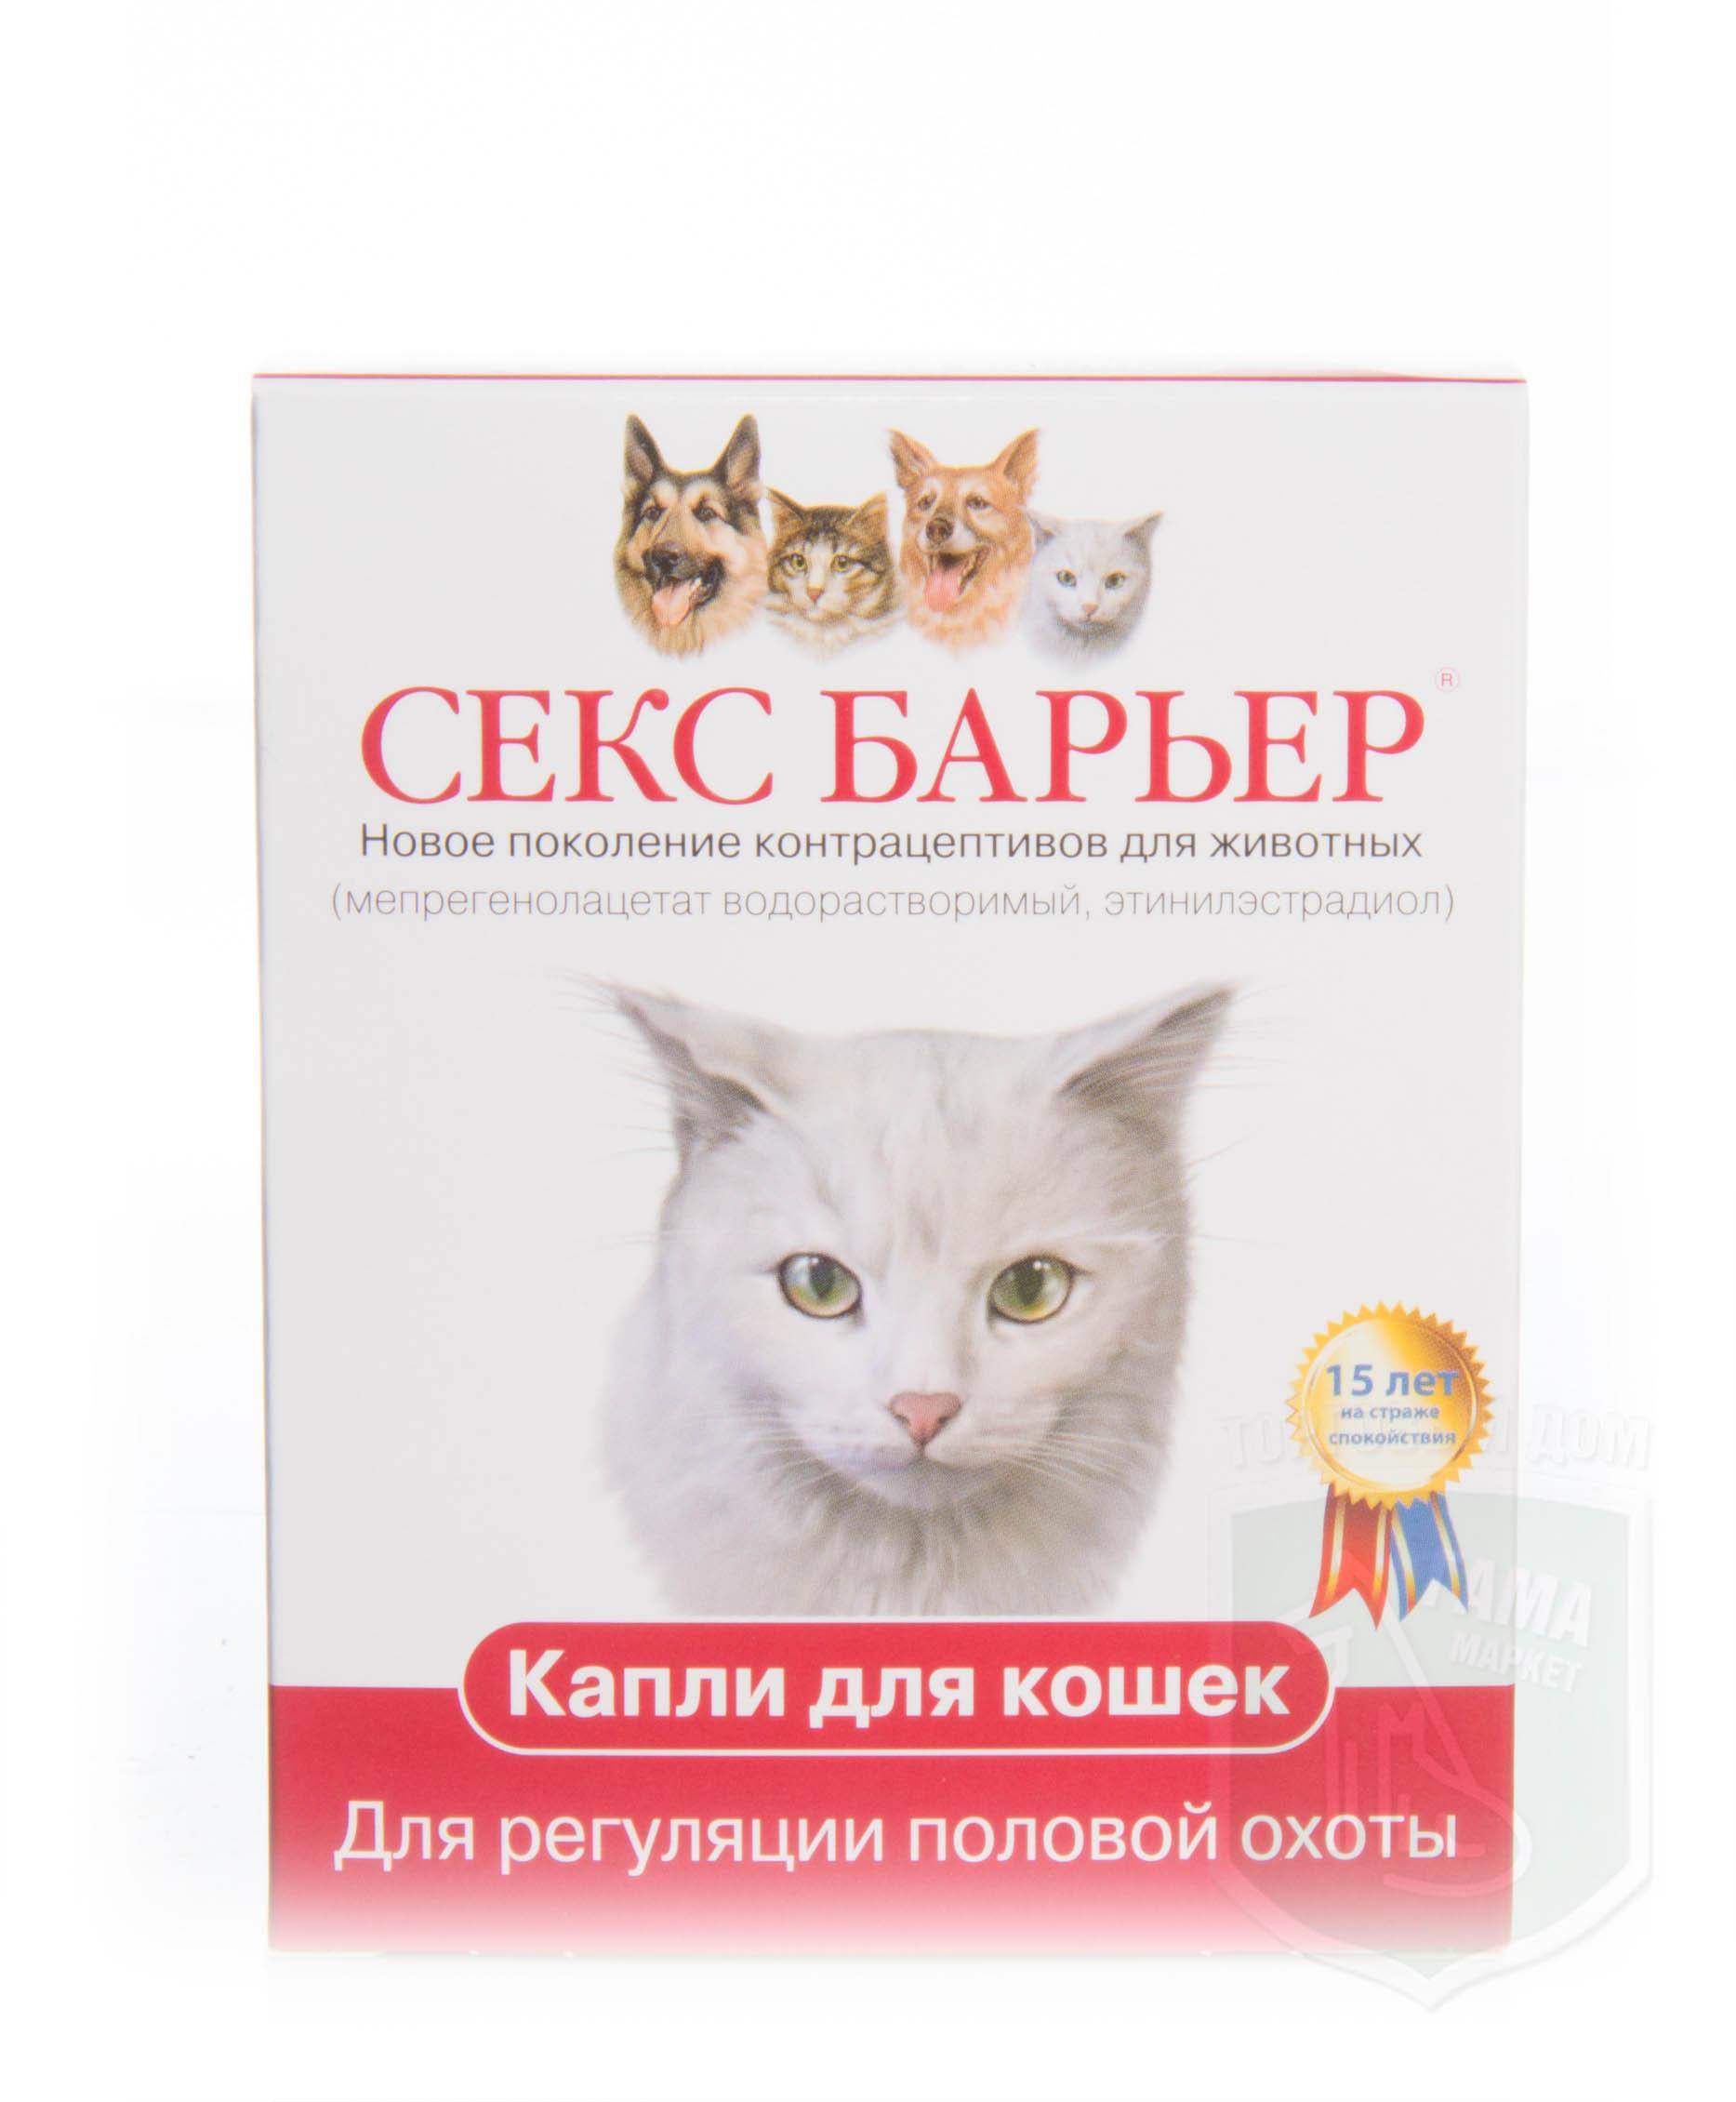 Рекомендации по применению секс барьер для кошек